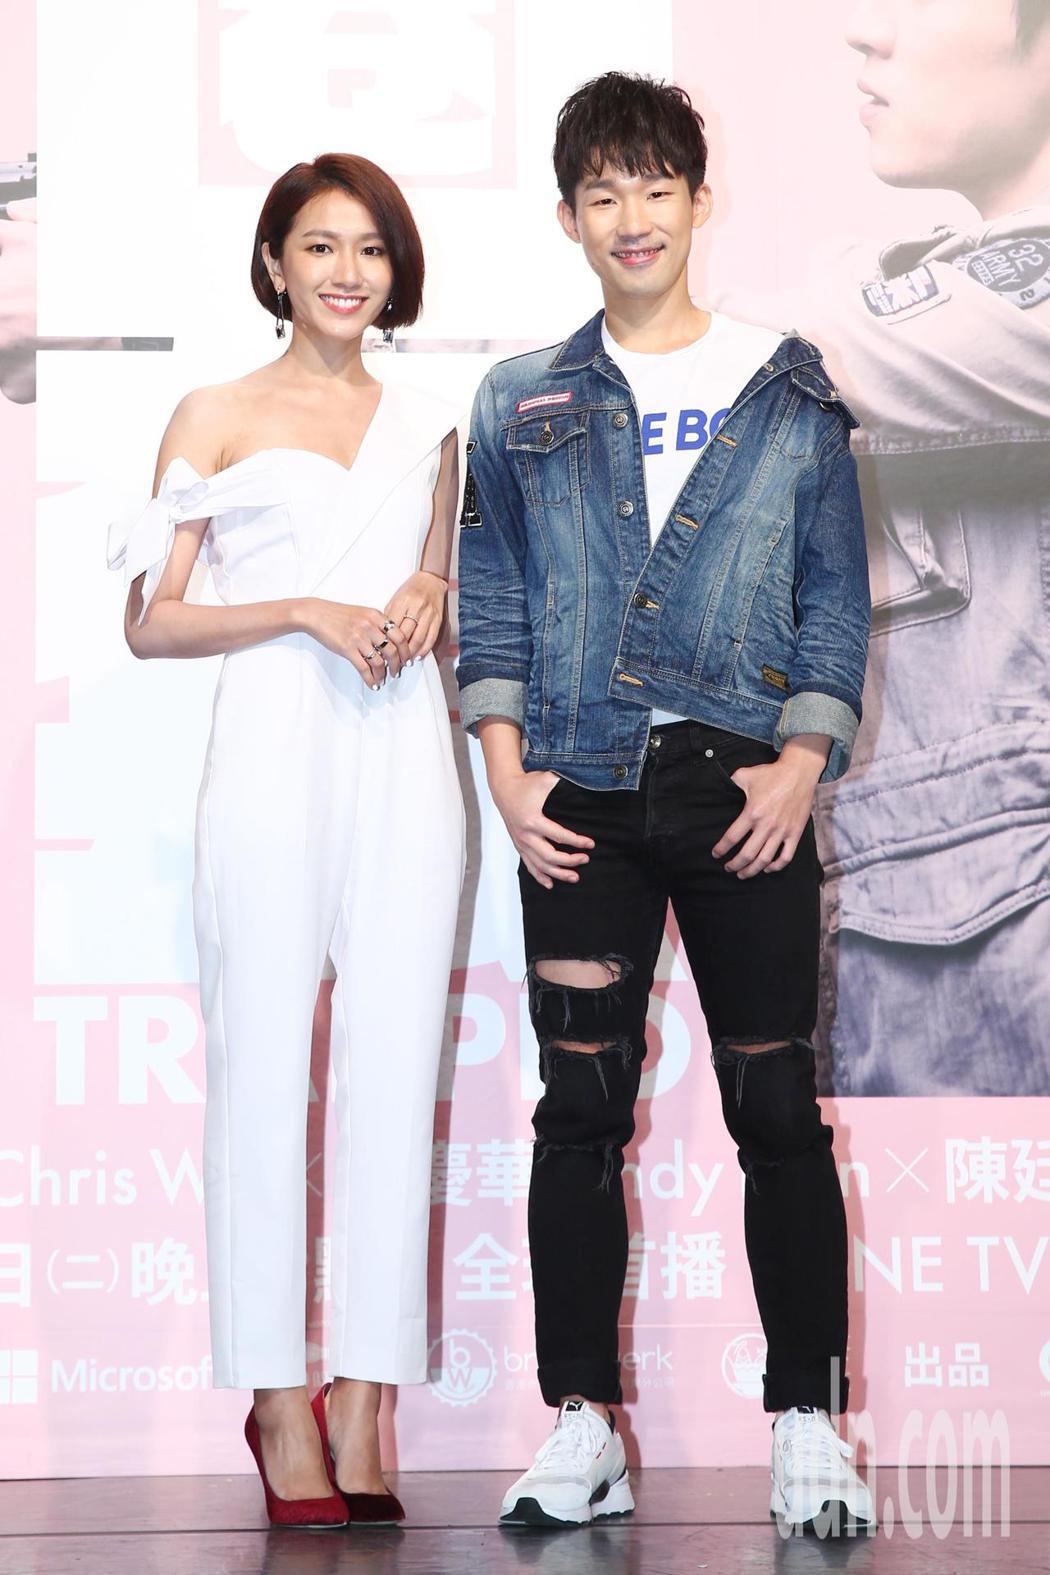 《HIStory3》新戲「圈套」舉行首映會,主要演員林意箴(左)、梅賢治出席宣傳